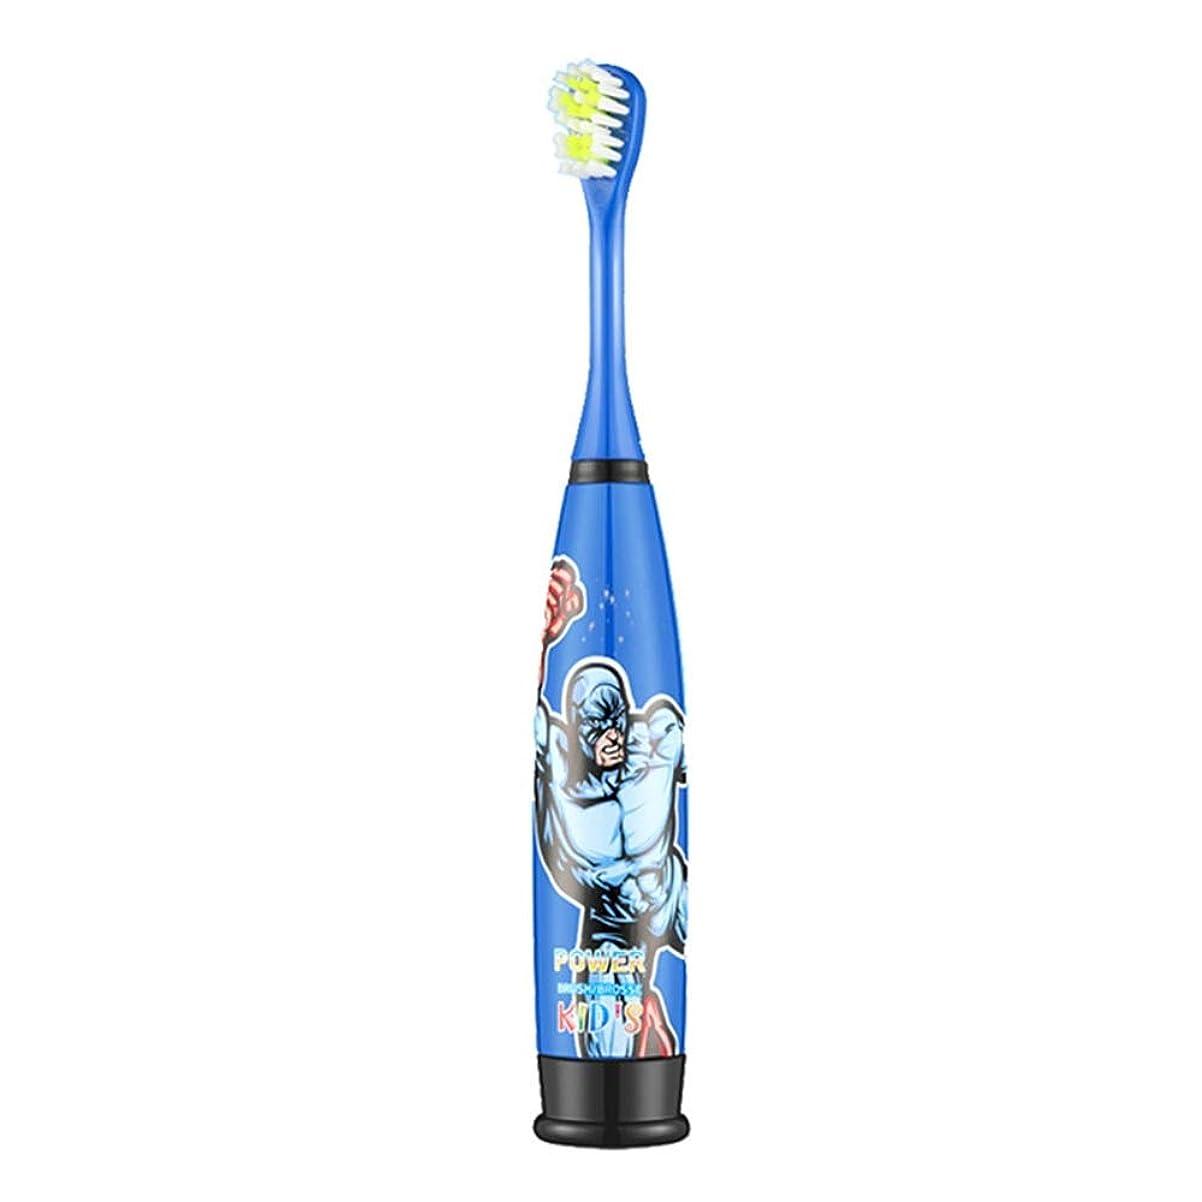 十分誤解するパス電動歯ブラシ 子供の電動歯ブラシの柔らかい毛のきれいな歯ブラシ防水 (色 : 青, サイズ : Free size)